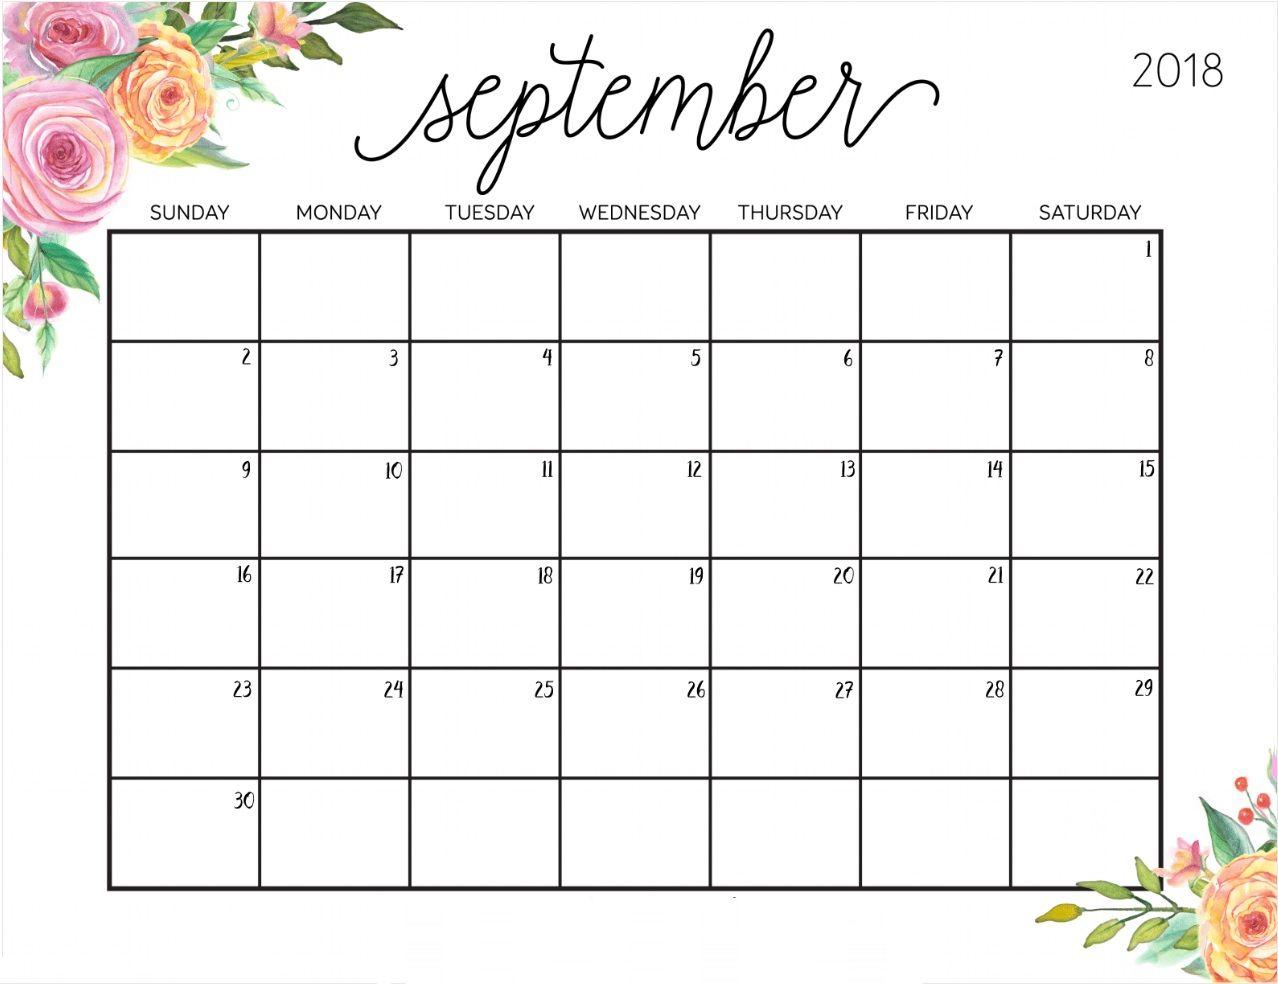 September 2018 Planning Calendar Template